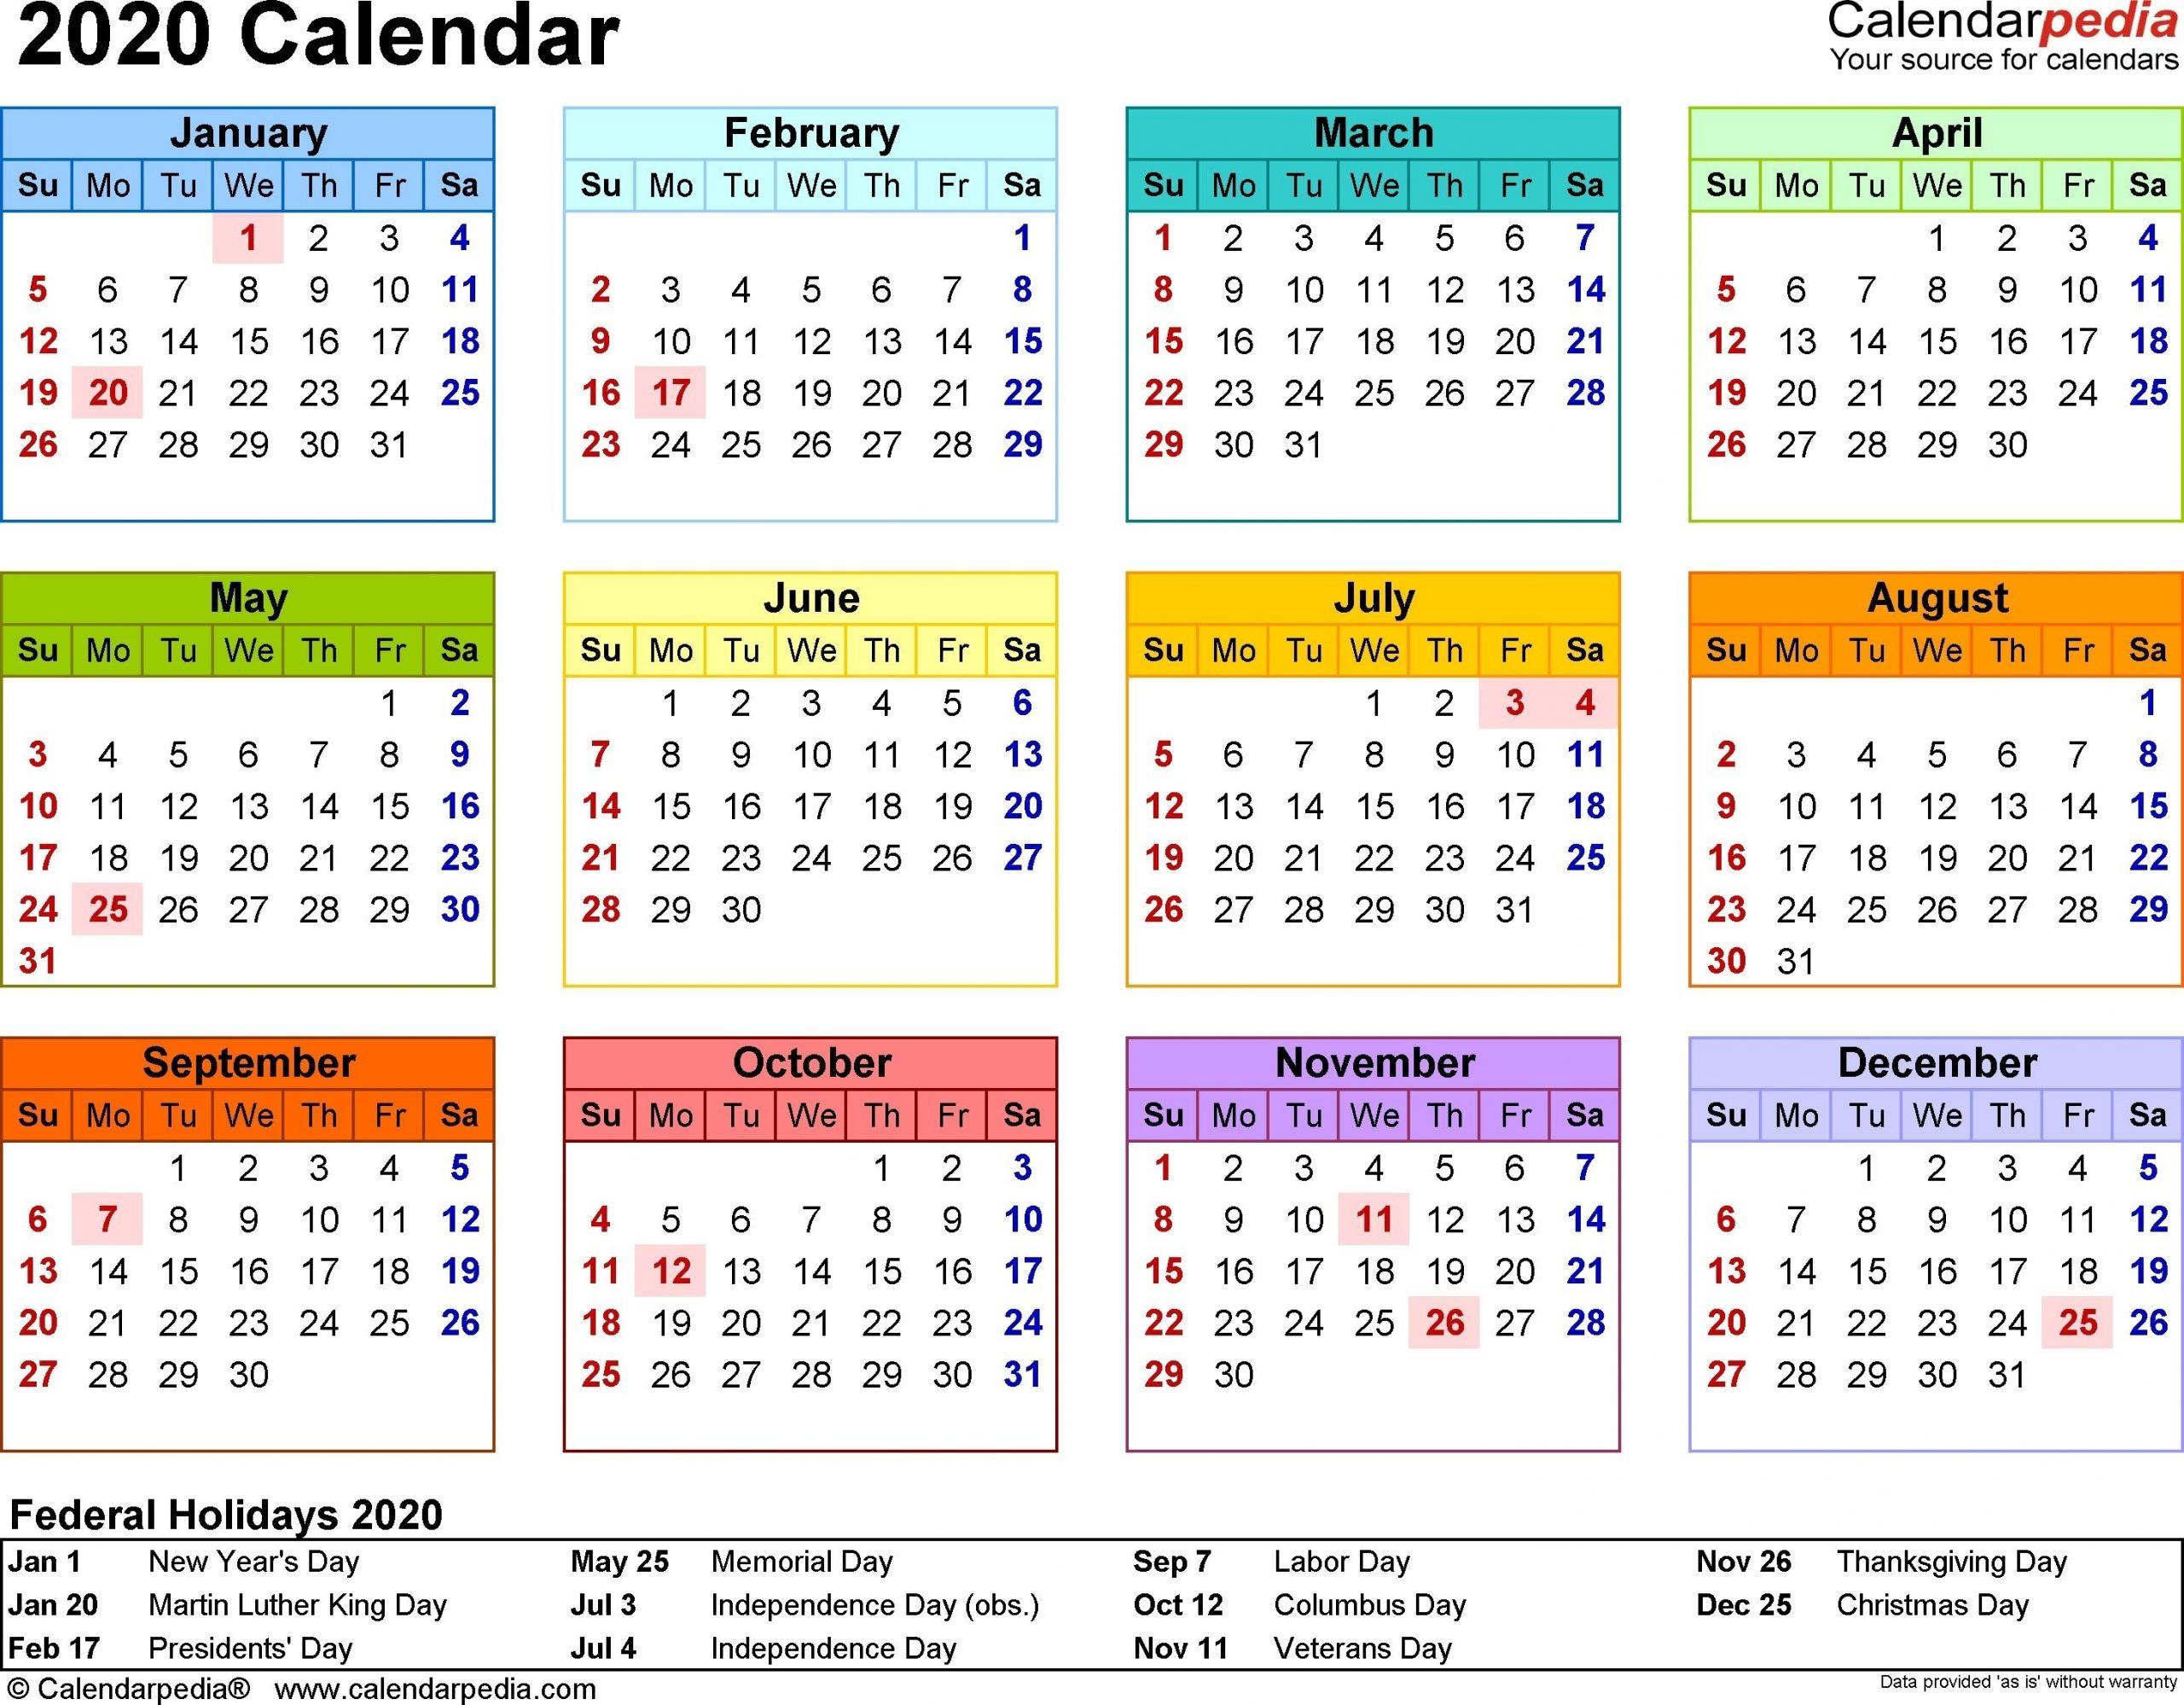 2020 Free Printable Calendar Large Numbers In 2020 in Free Printable 2020 Calendars Large Numbers